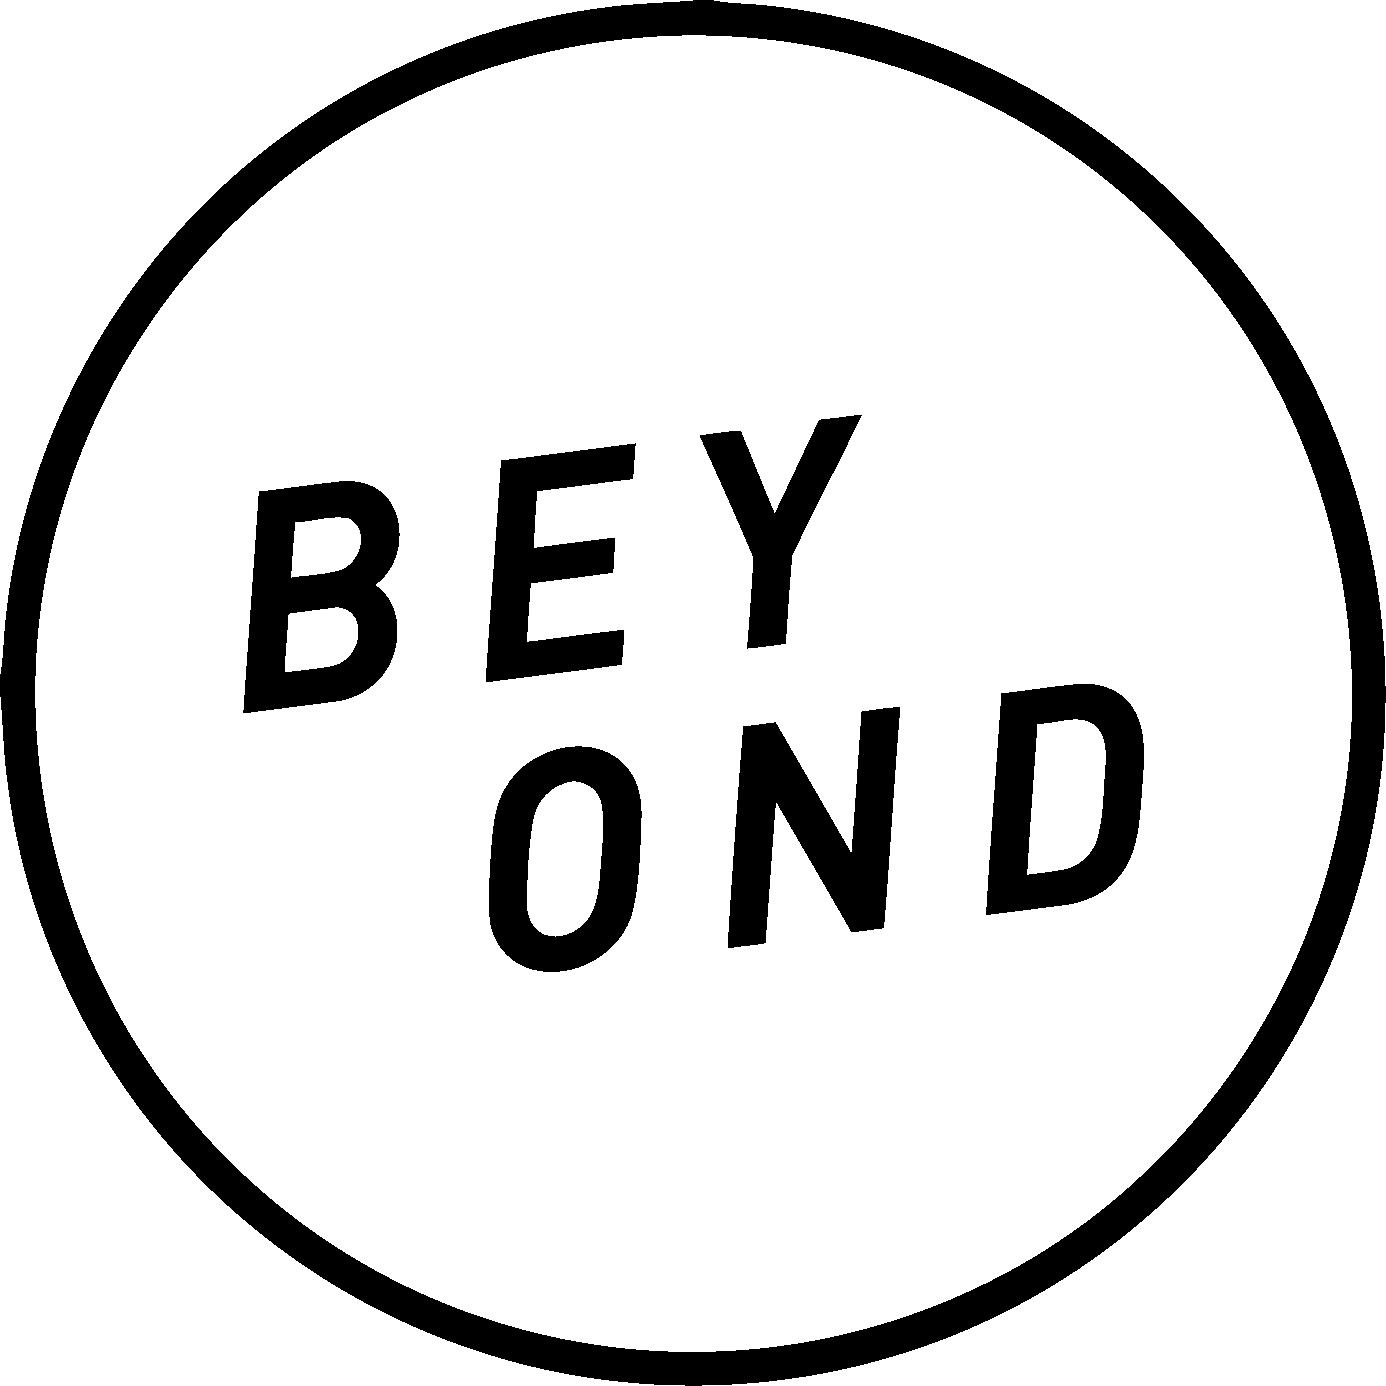 Beyond Logo png